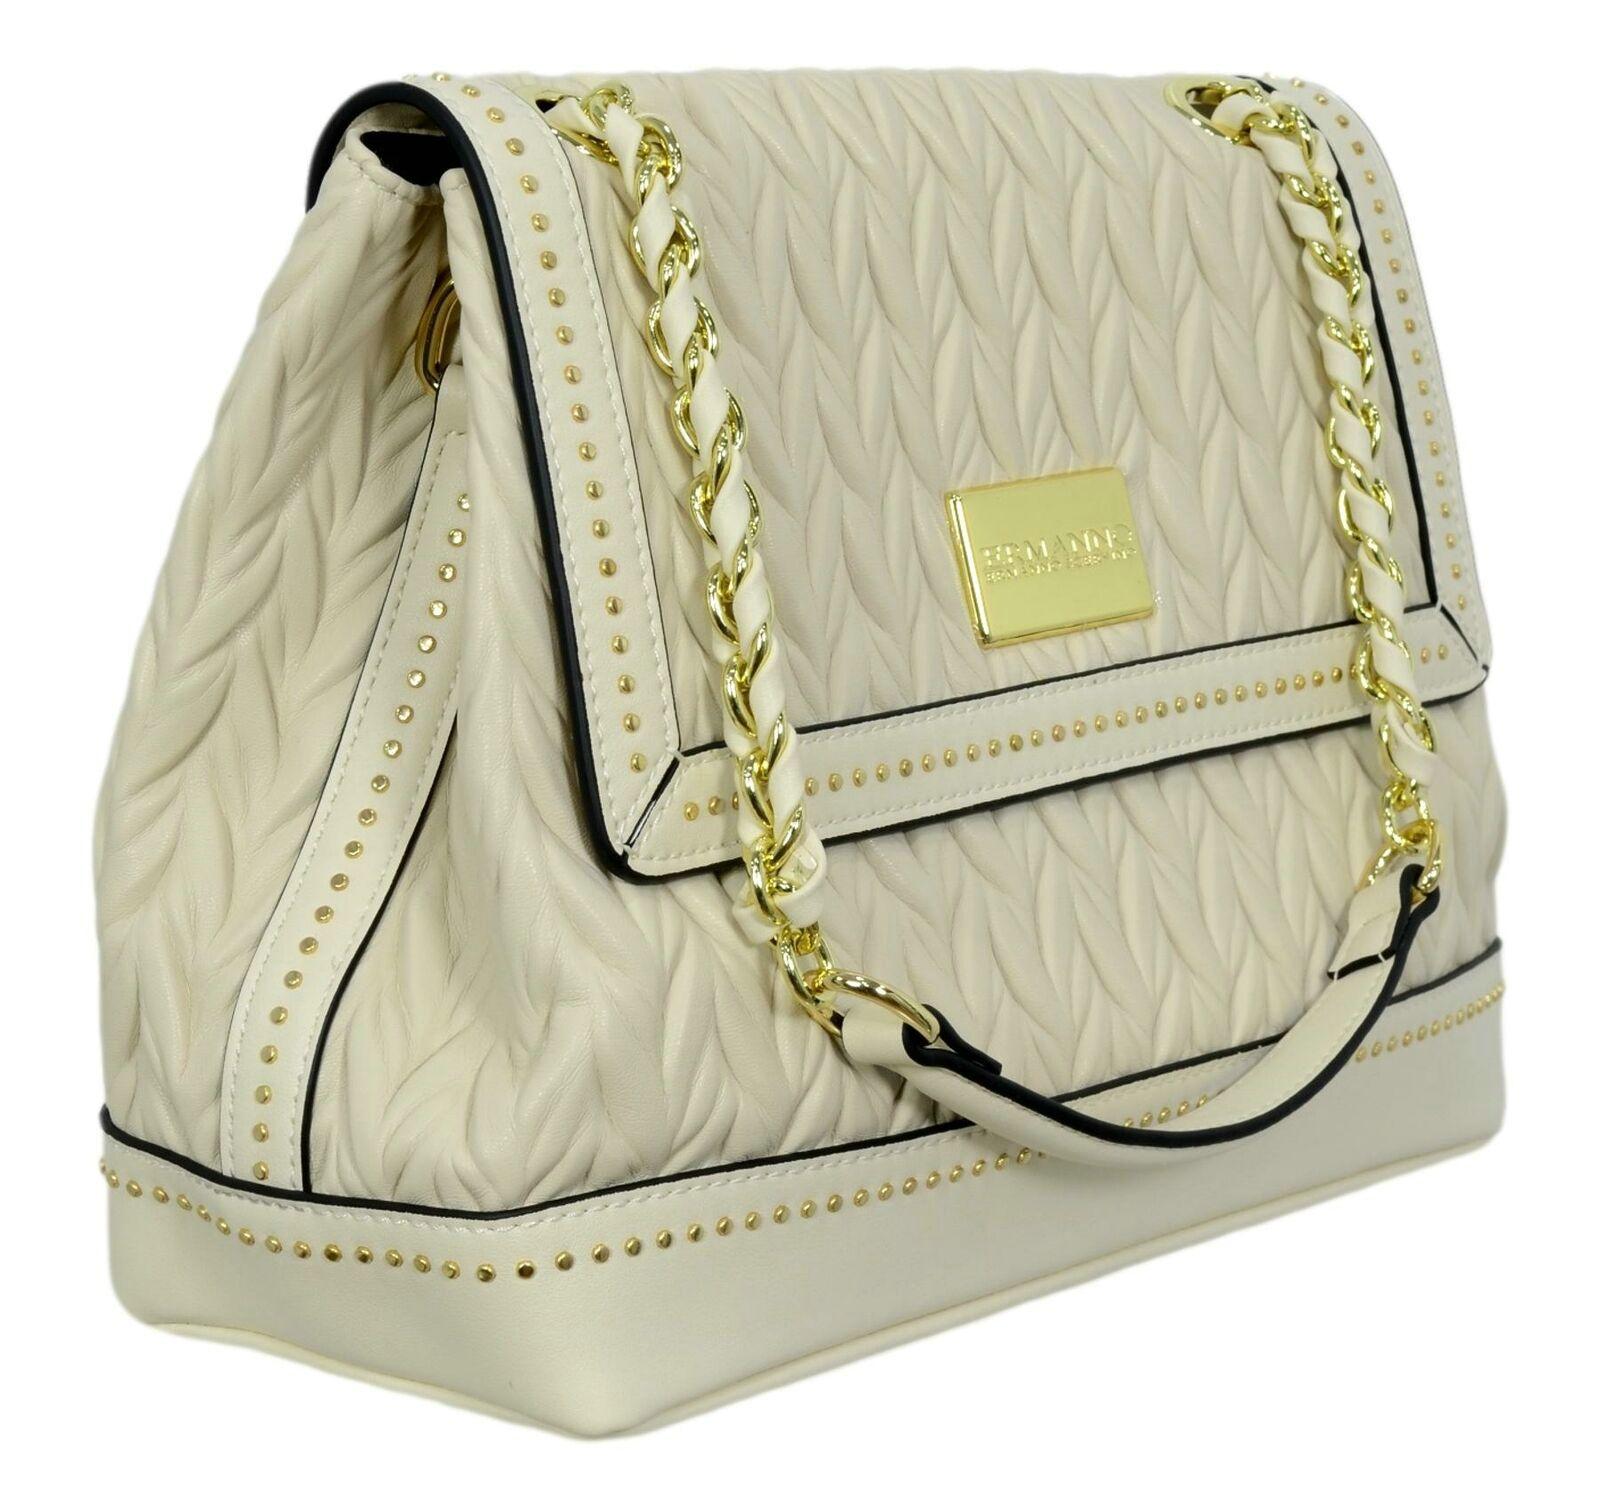 Borsa Ermanno Scervino Flap Bag Juliet 12401176 Avorio laterare